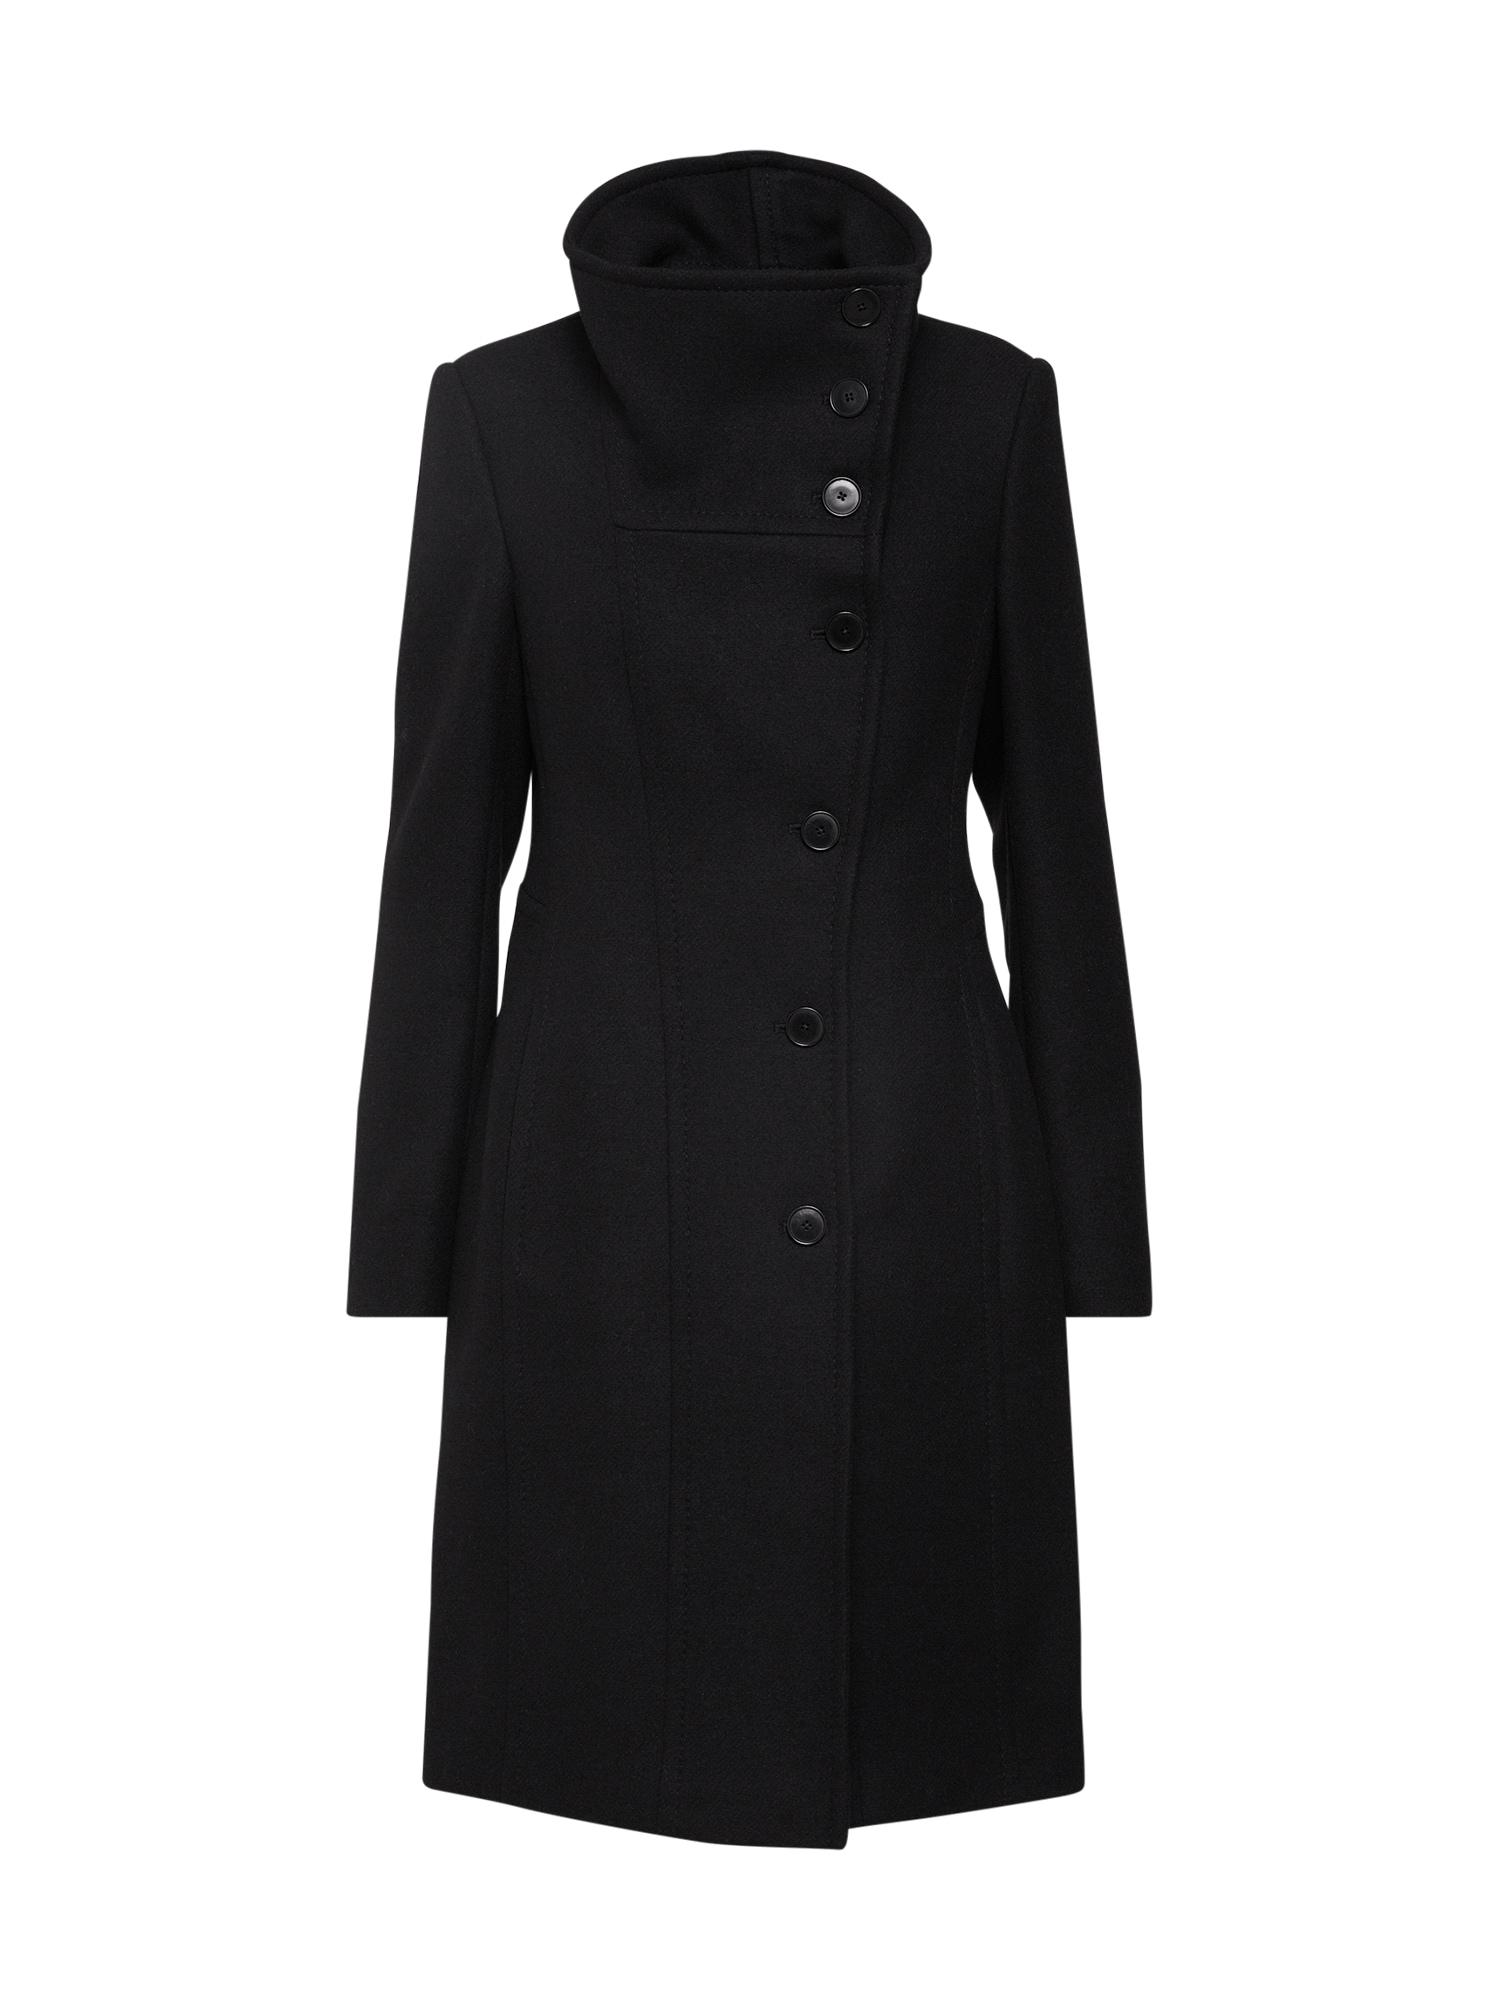 Přechodný kabát REDDITCH_2 85206 černá DRYKORN